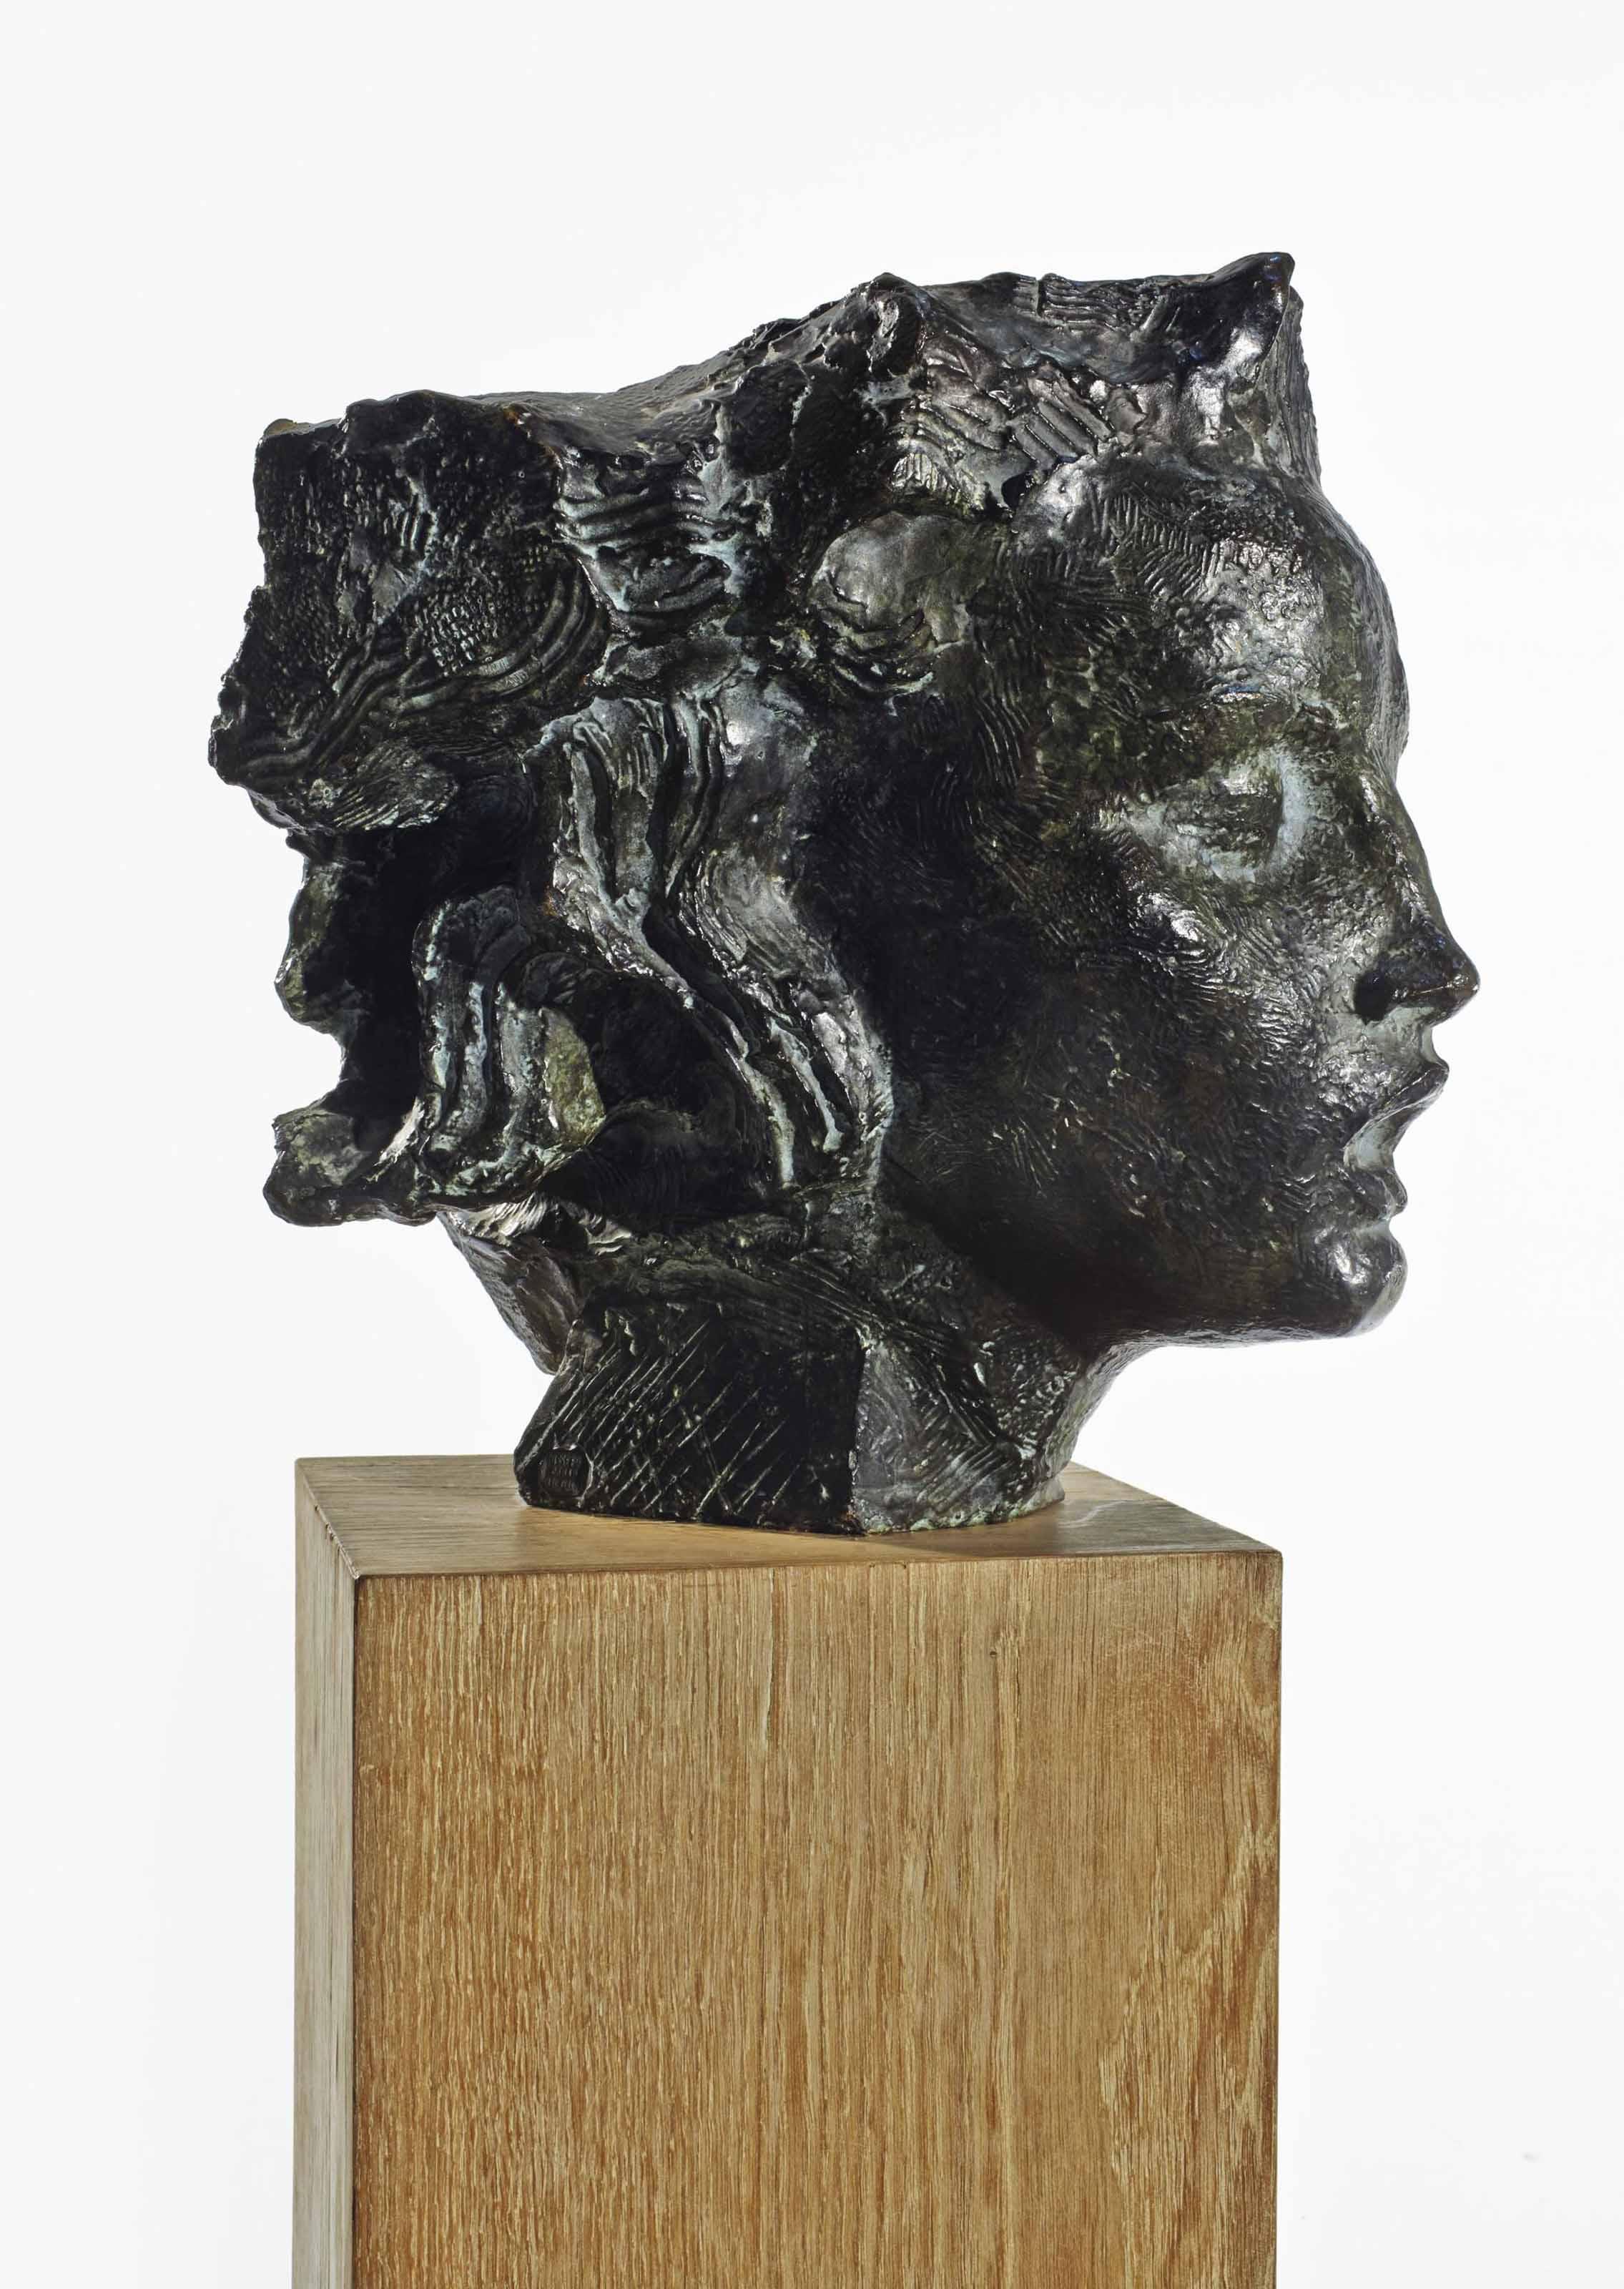 ANDRÉ BIZETTE LINDET (1906-1998)